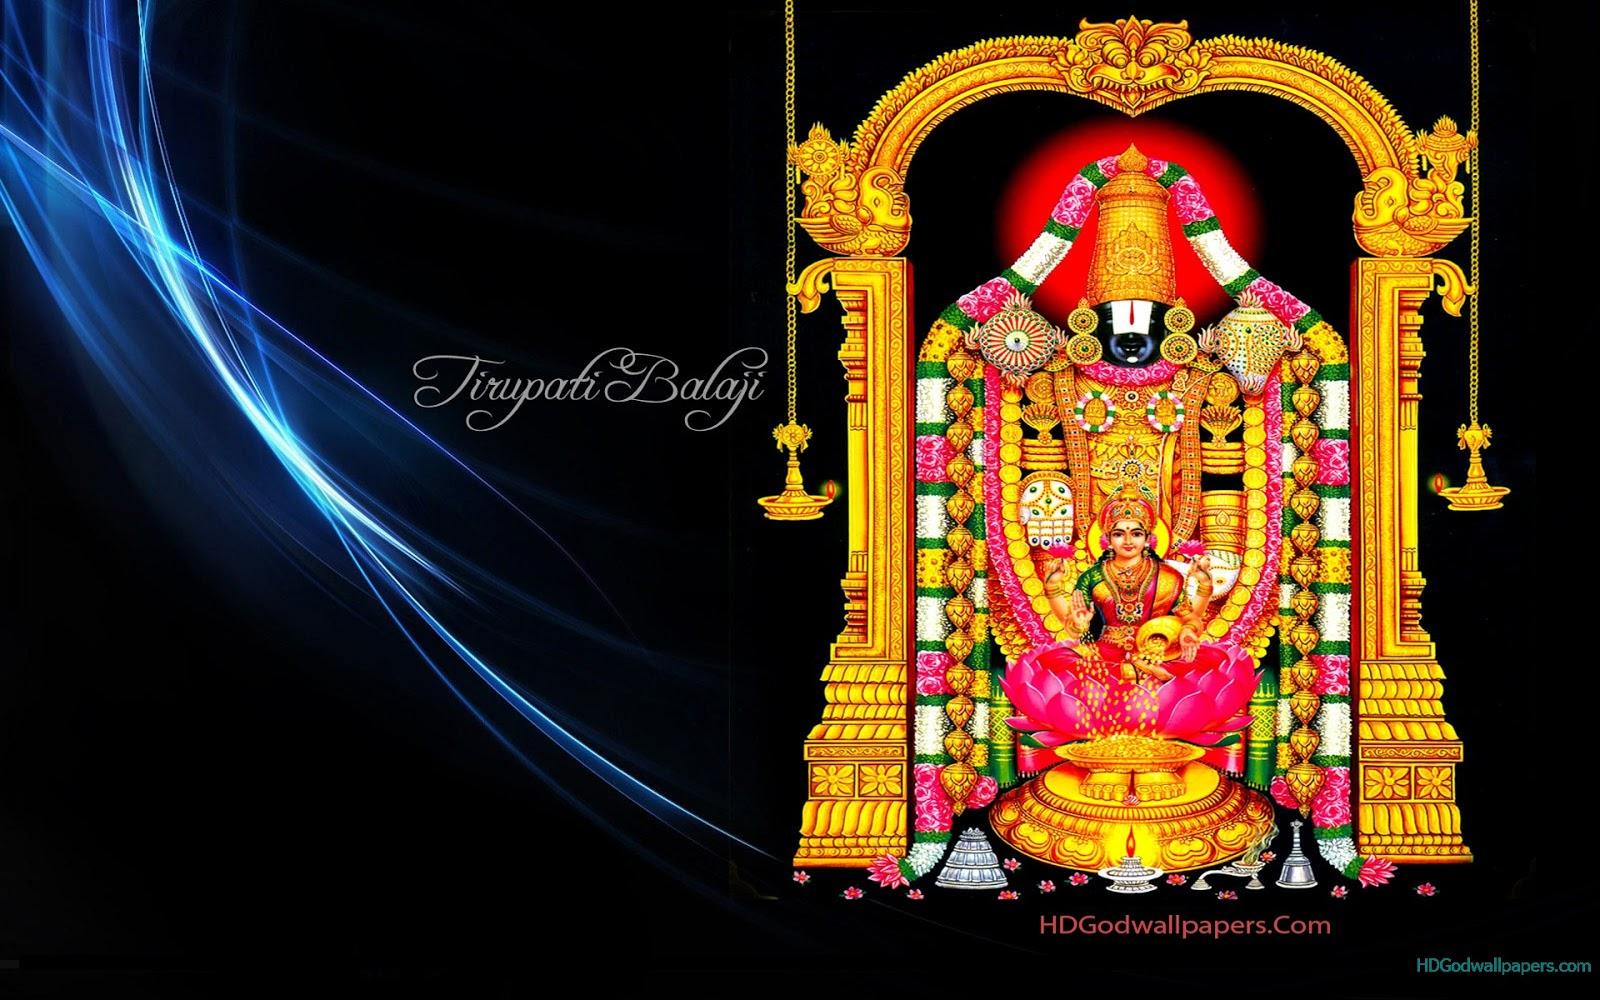 Tirupathi Balaji HD Wallpapers Images 1080p